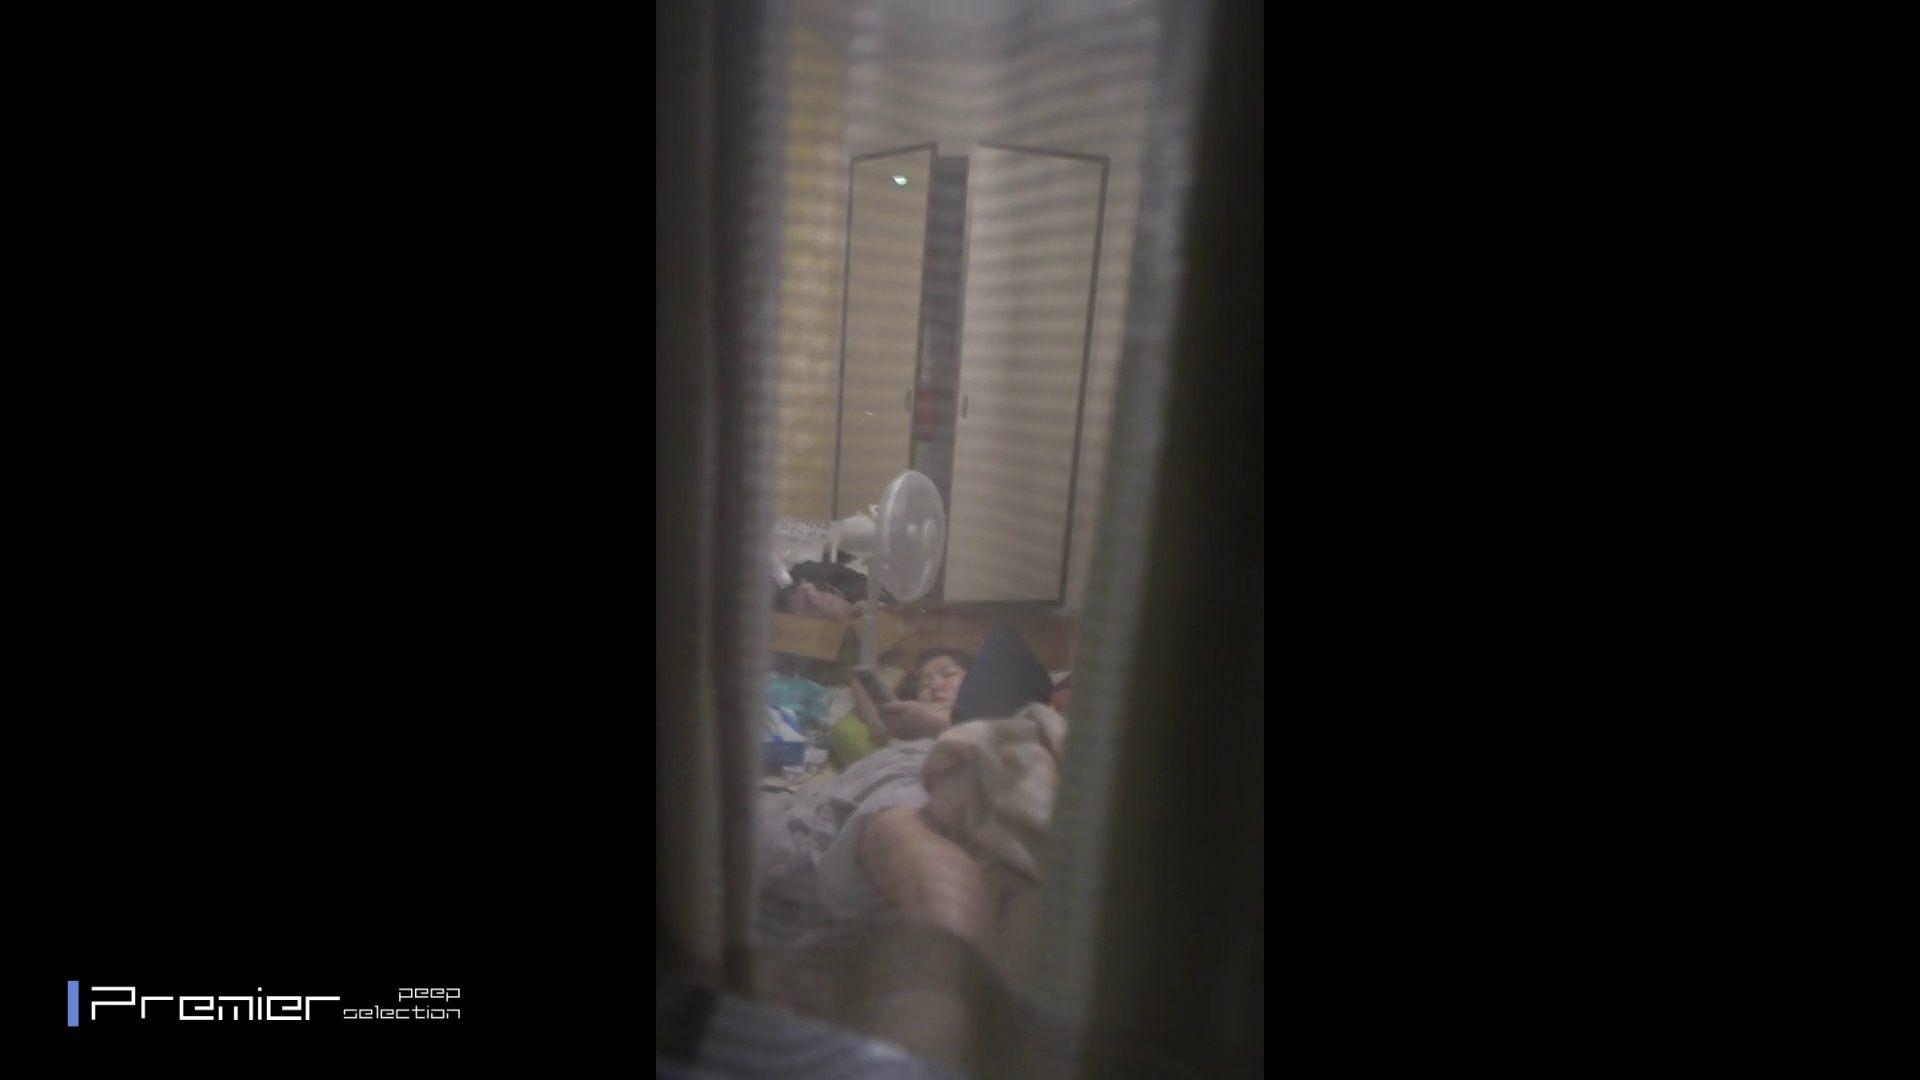 美女たちの日常を観察 美女達の私生活に潜入! 美乳 AV動画キャプチャ 109画像 53